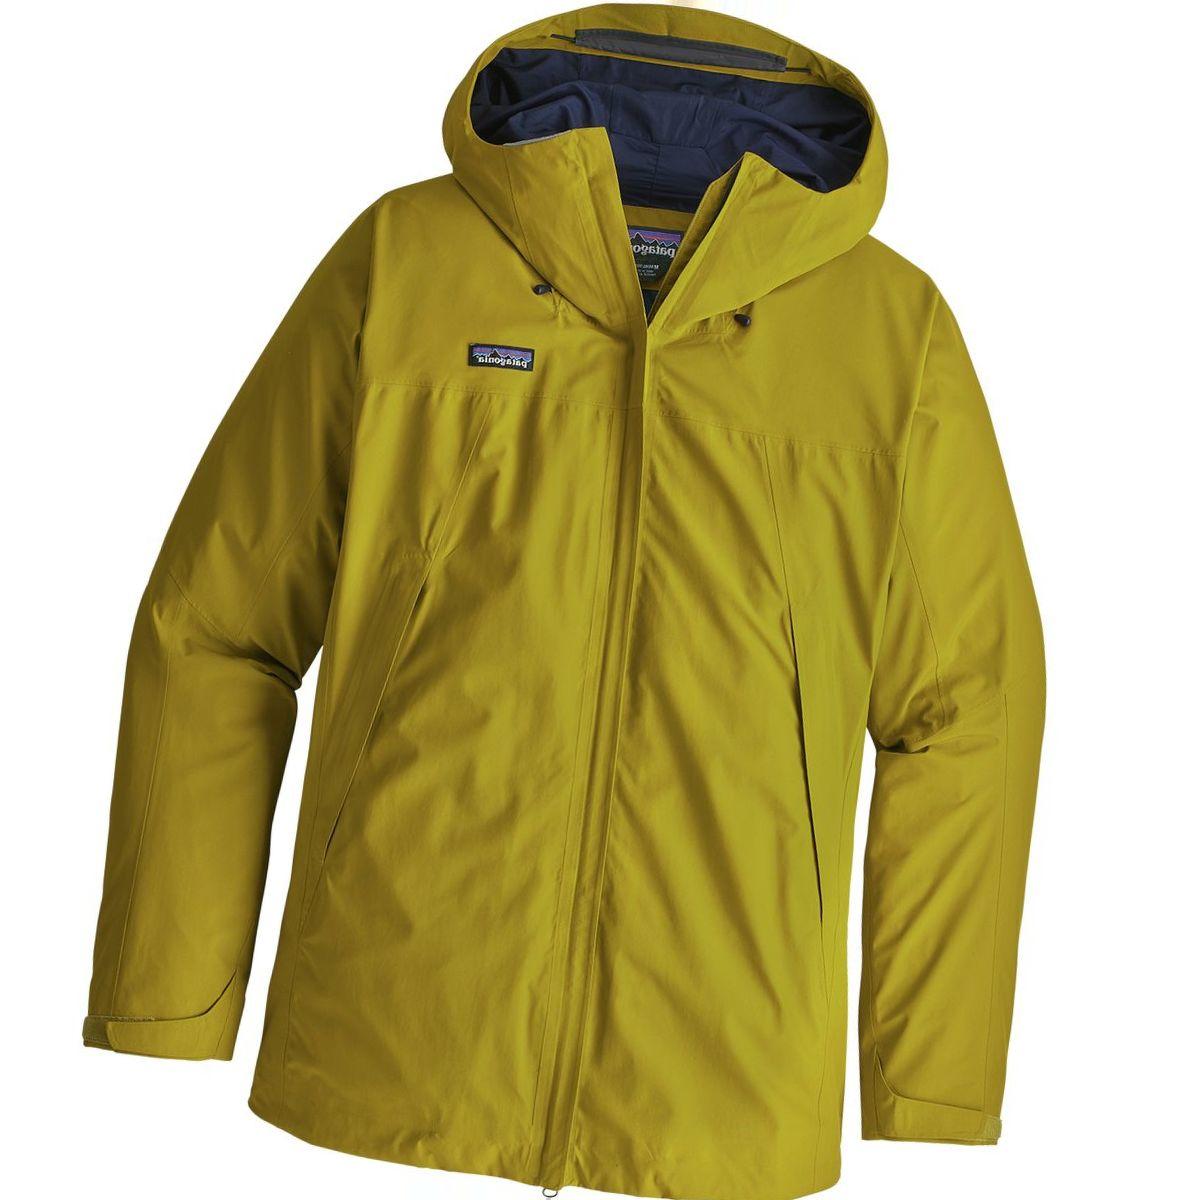 Patagonia Departer Jacket - Men's